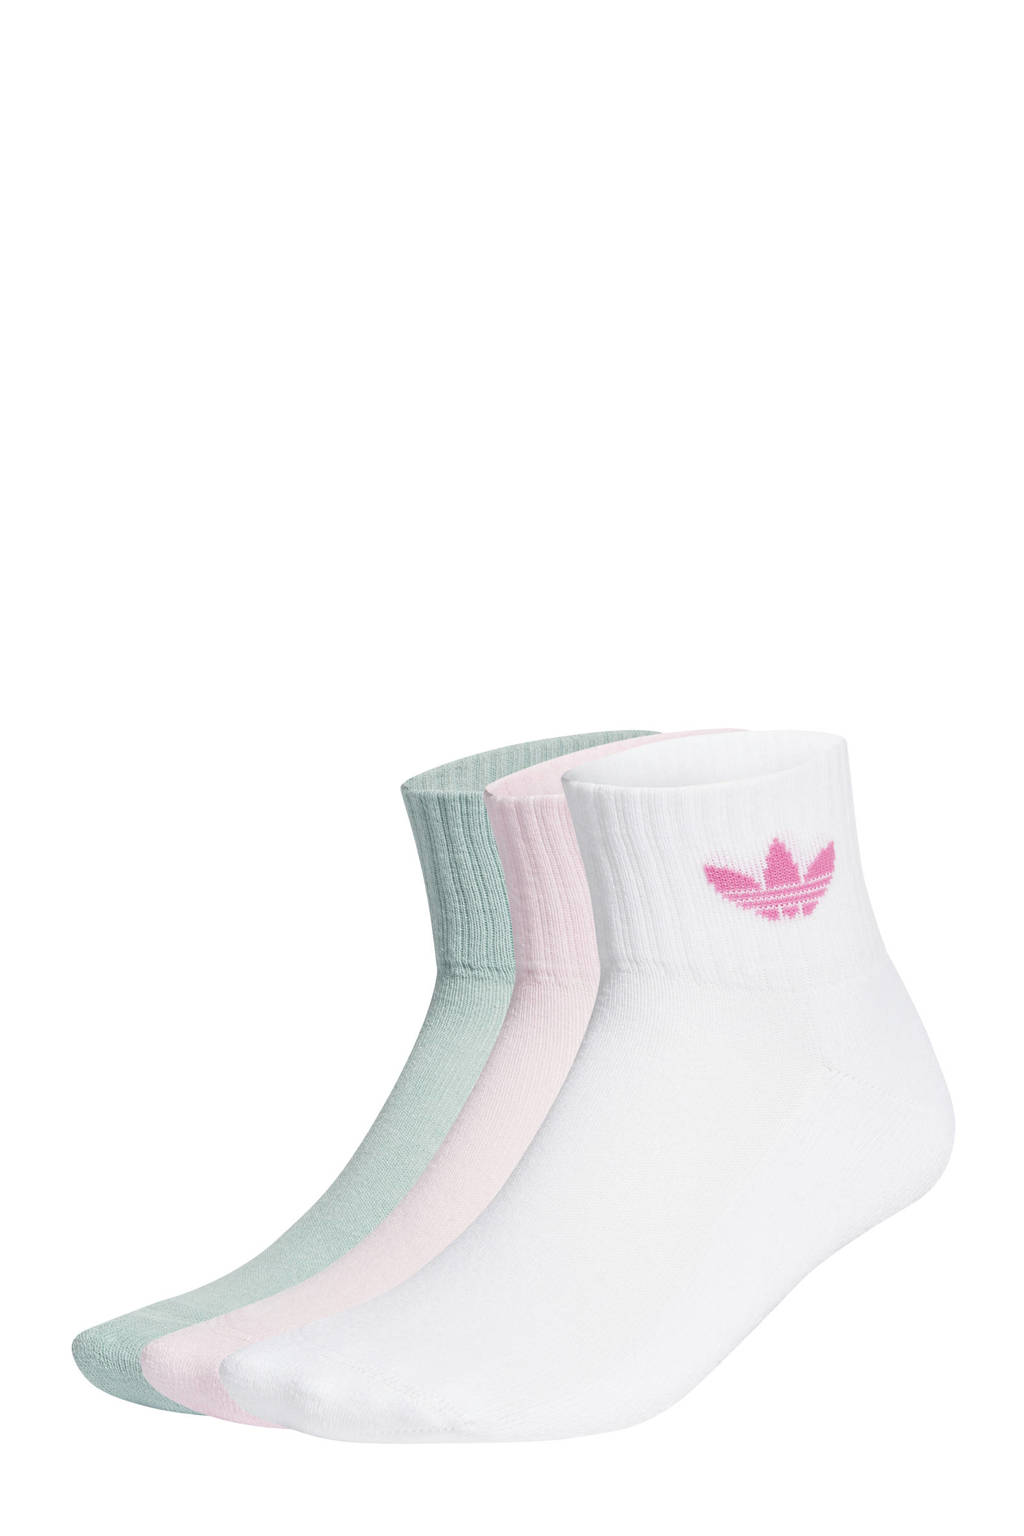 adidas Originals Adicolor sokken - set van 3 wit/roze/mintgroen, Wit/roze/mintgroen